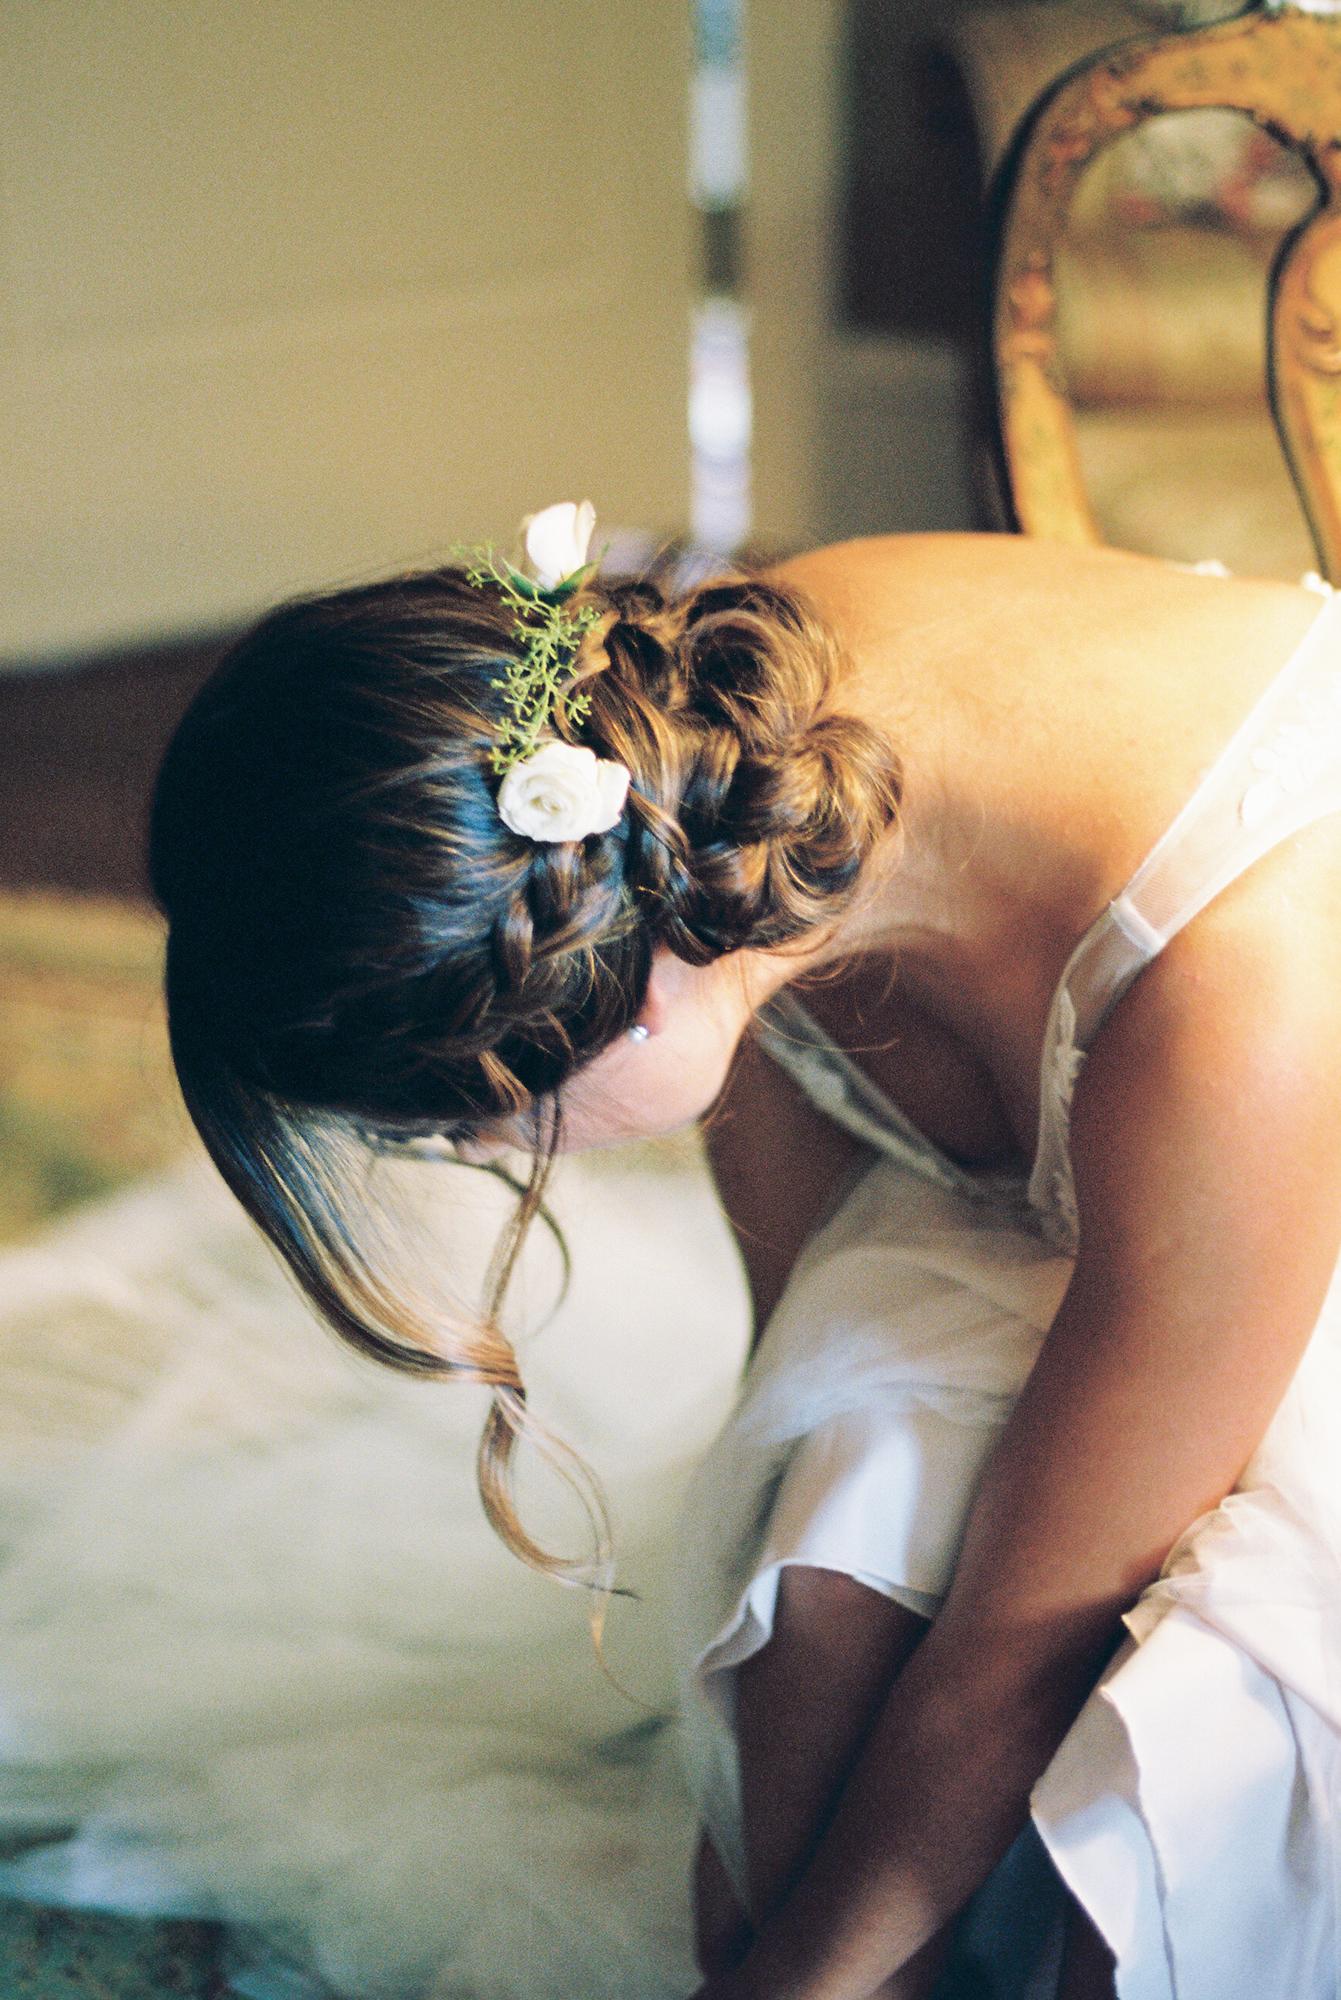 sydonie-mansion-mount-dora-orlando-wedding-photos-by-jessica-bellinger-9.jpg